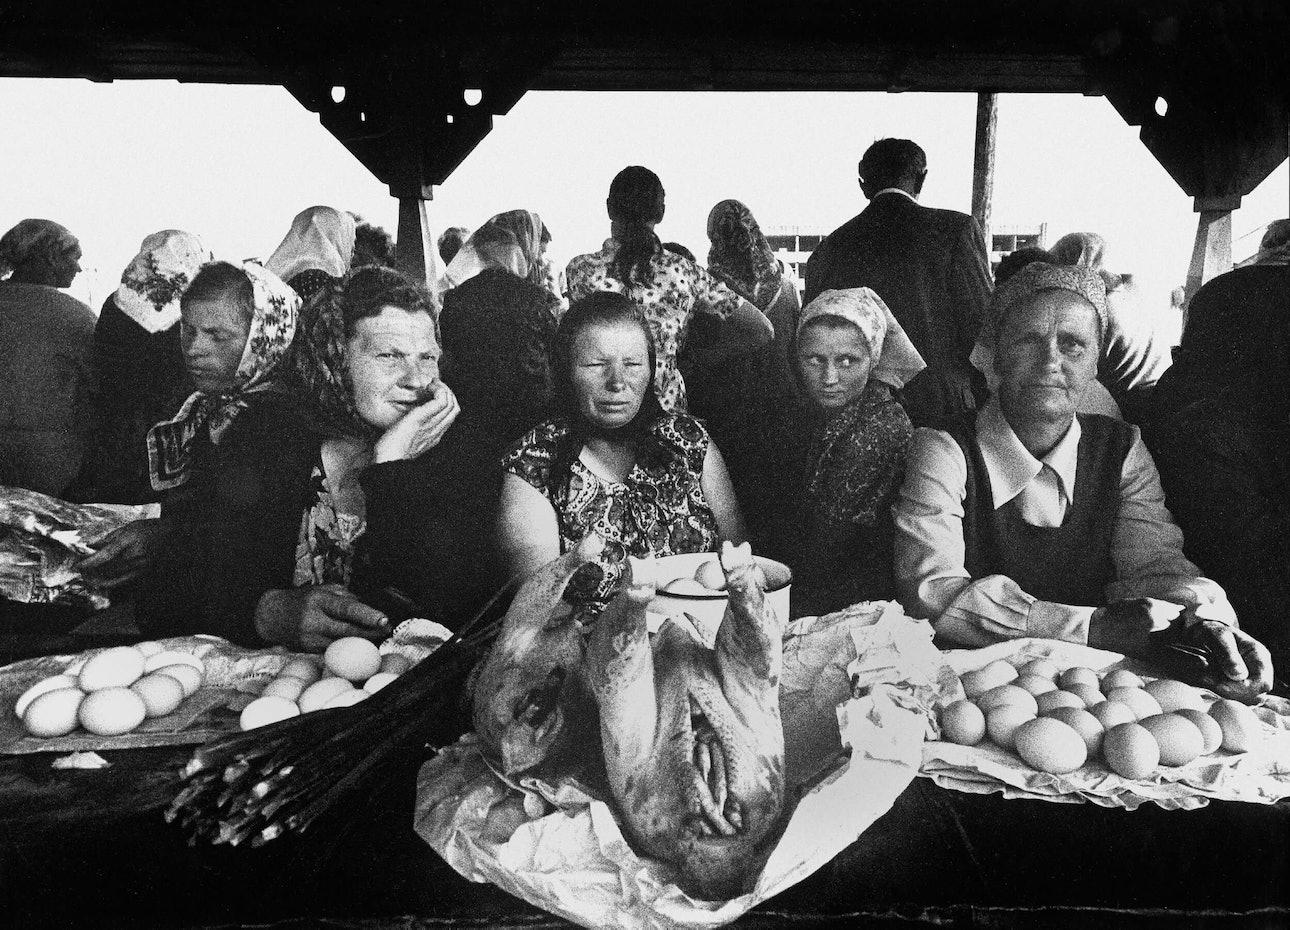 А. Мацияускас. В литовских сельских базарах. Алитус. 1973_litva